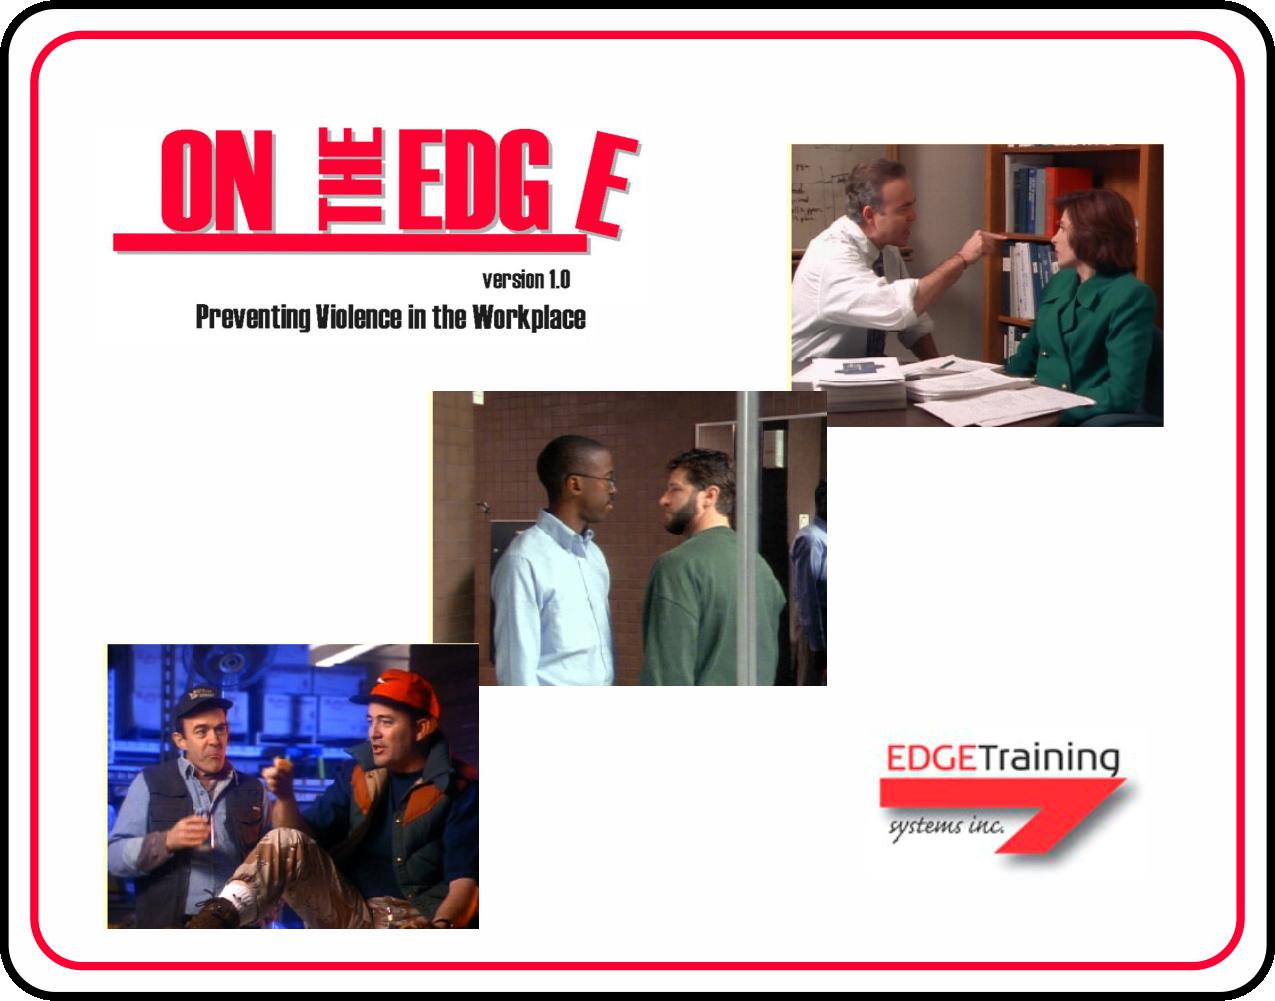 On The Edge v1.0